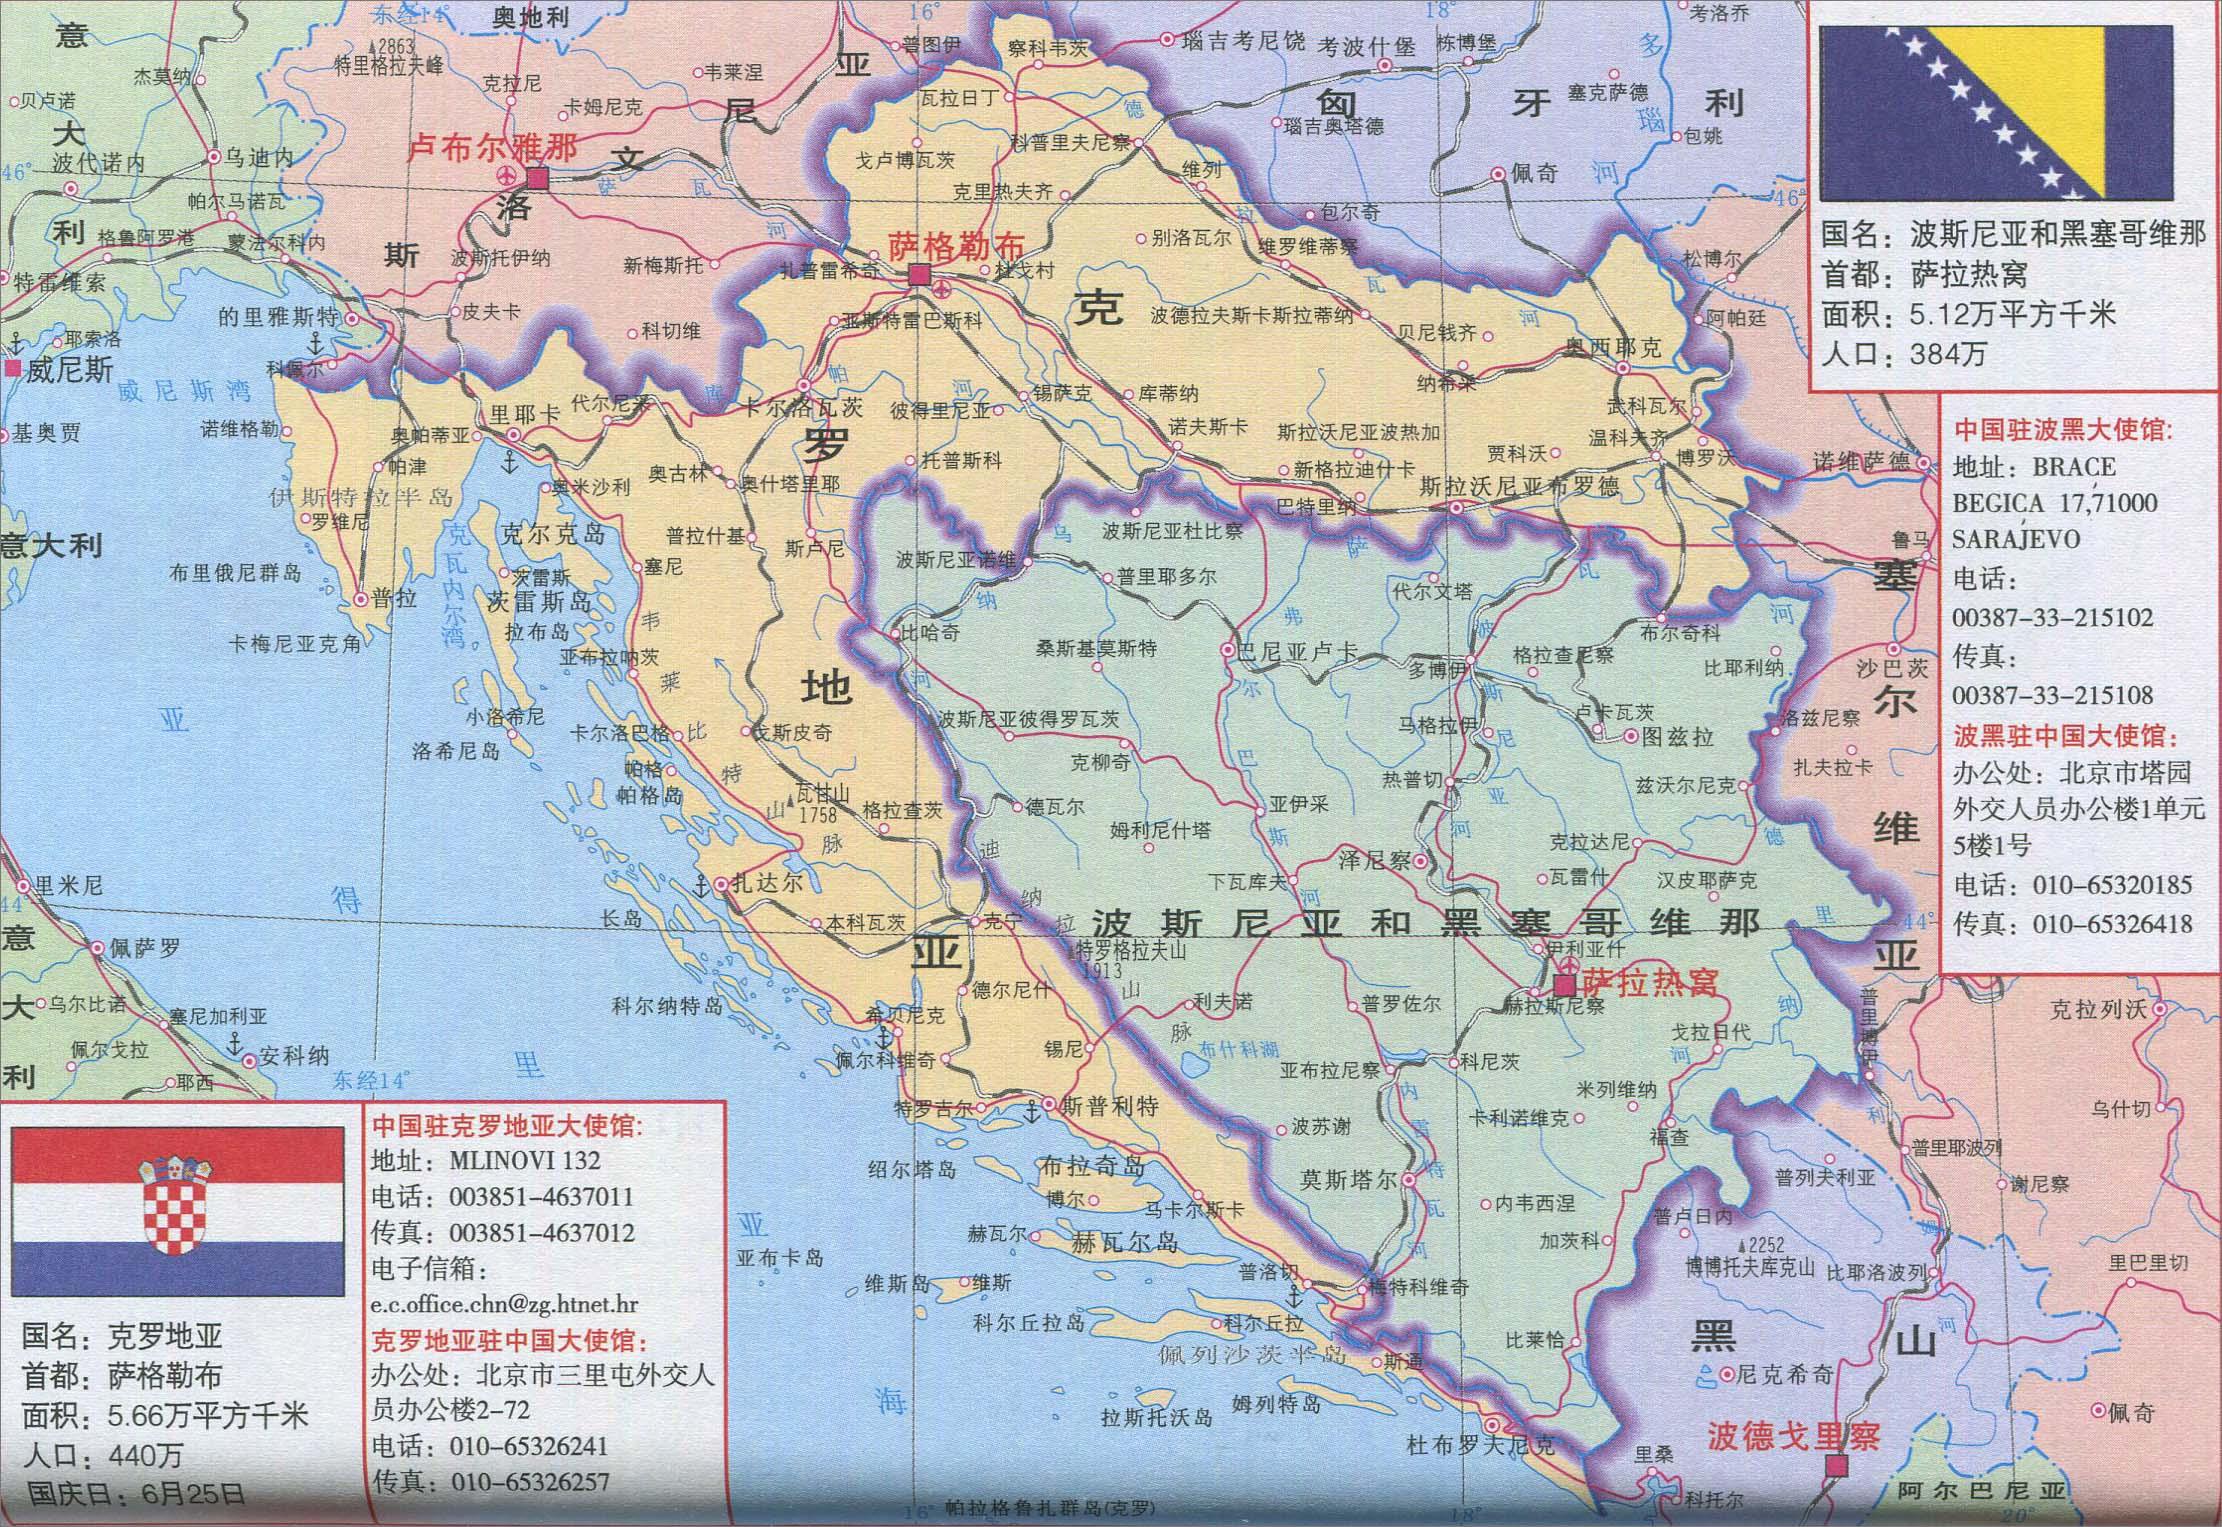 克罗地亚地图_克罗地亚地图高清_中文版版_下载